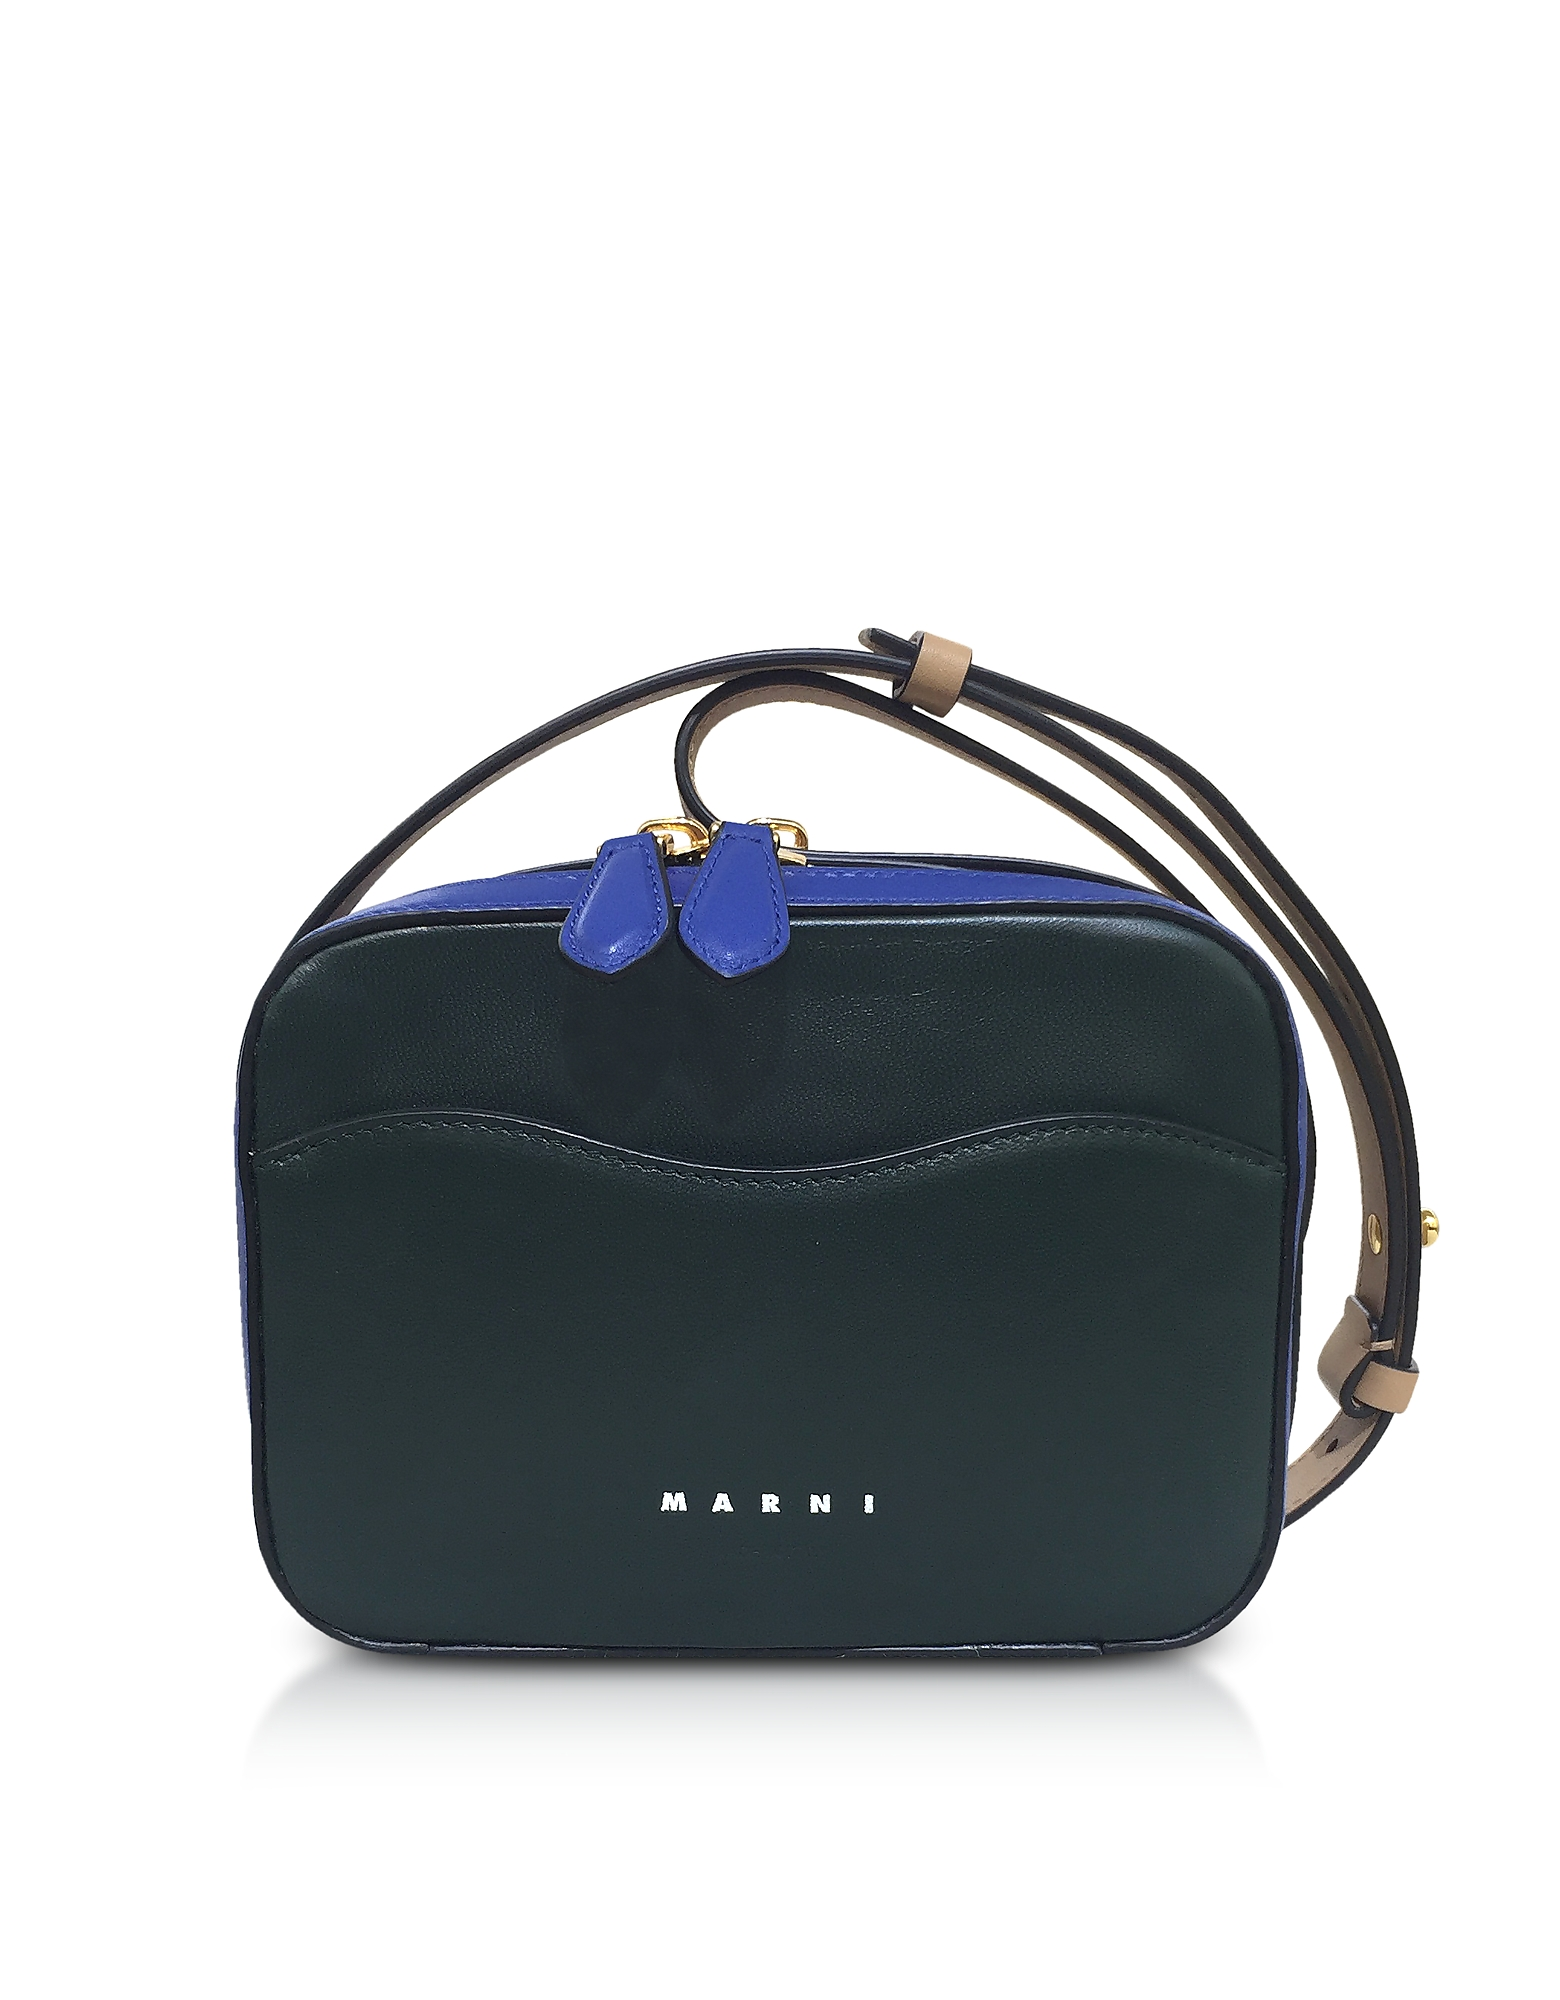 Marni Handbags, Nappa Leather Shell Shoulder Bag